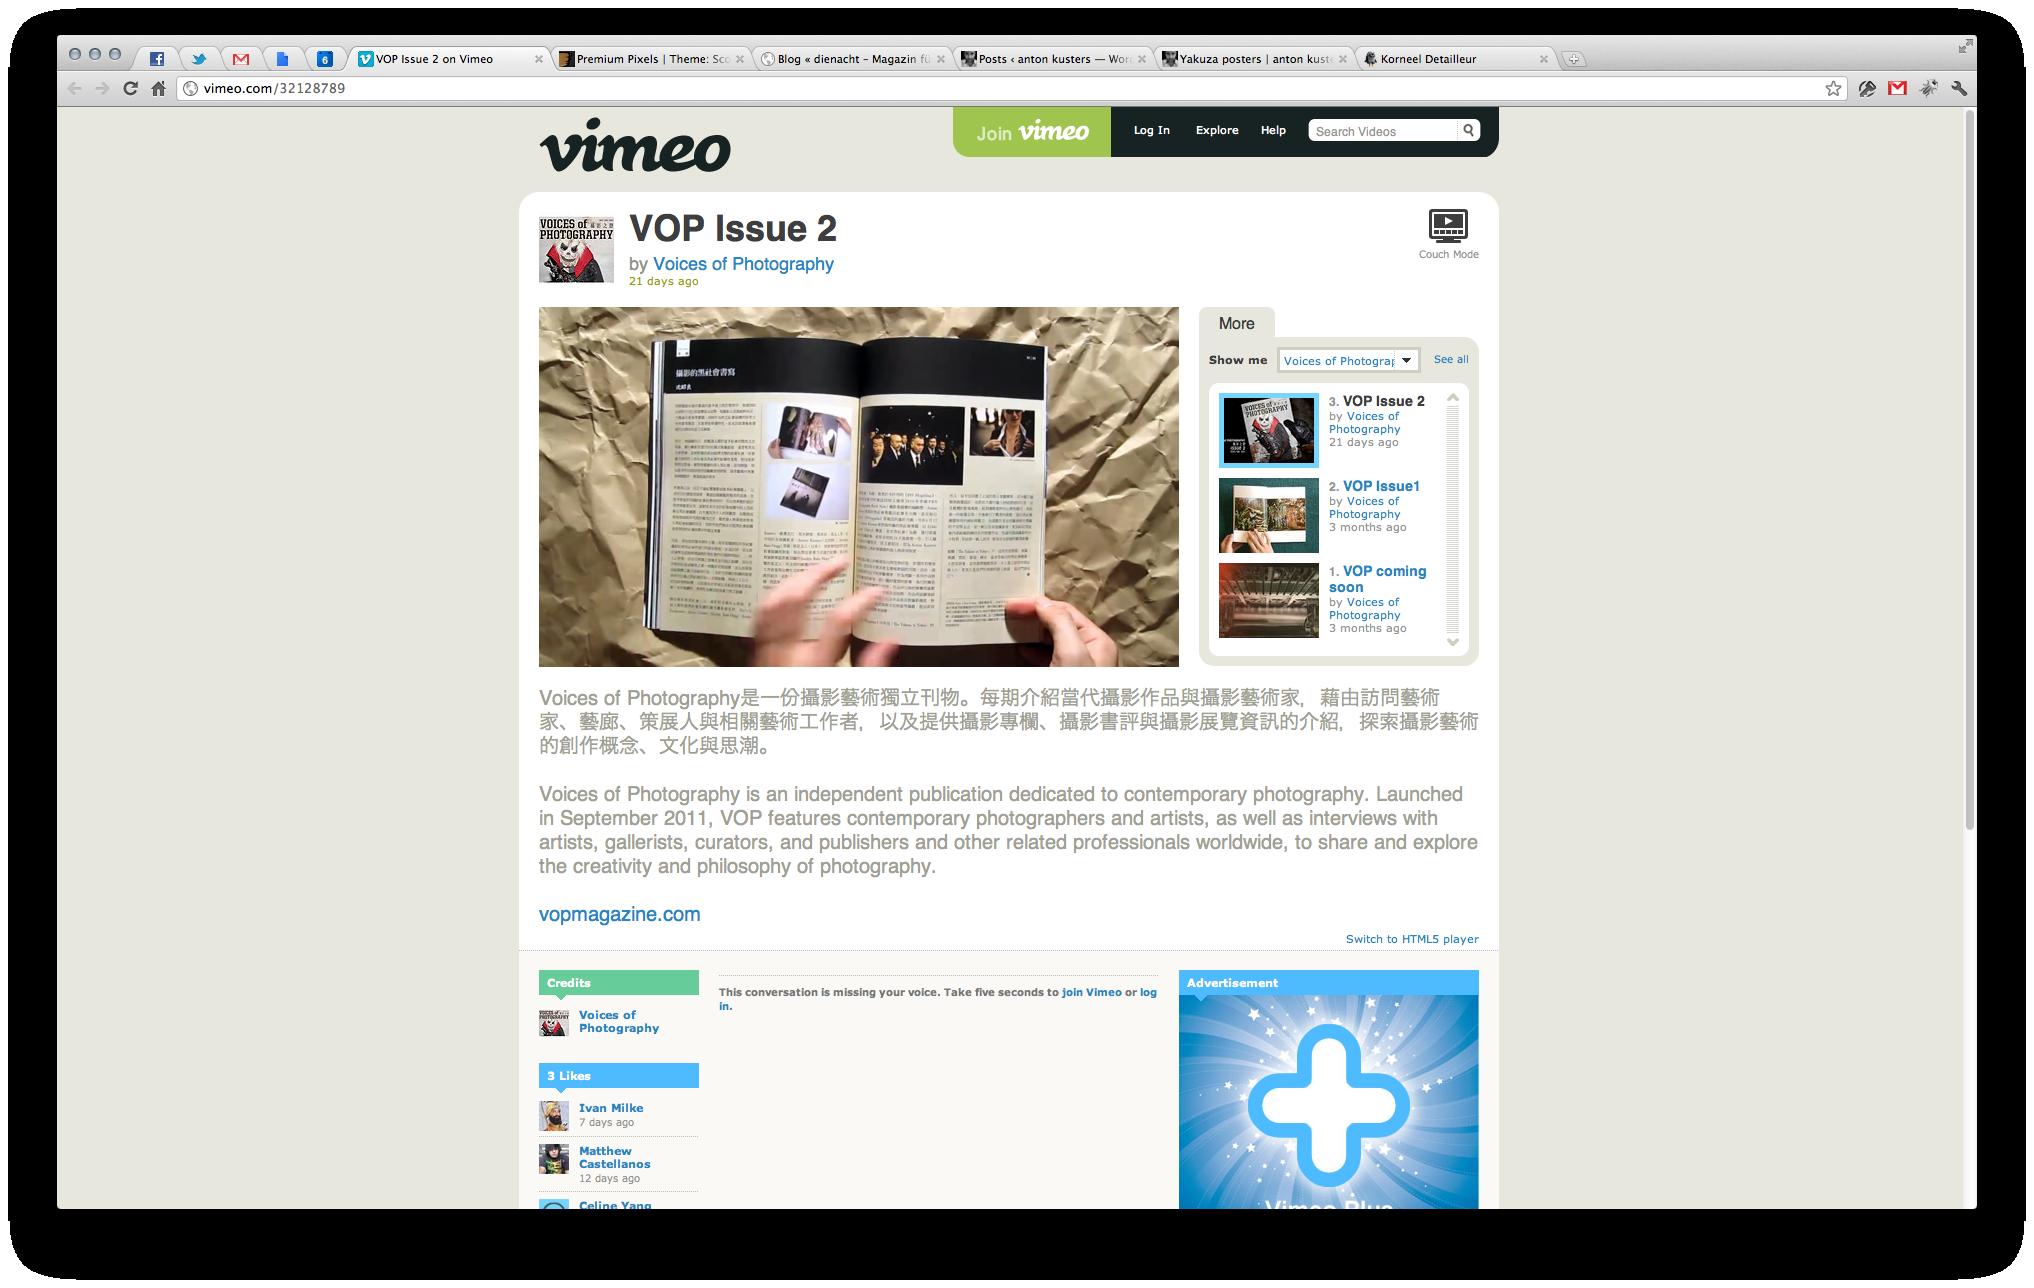 Screen-Shot-2011-12-06-at-08.45.16.png